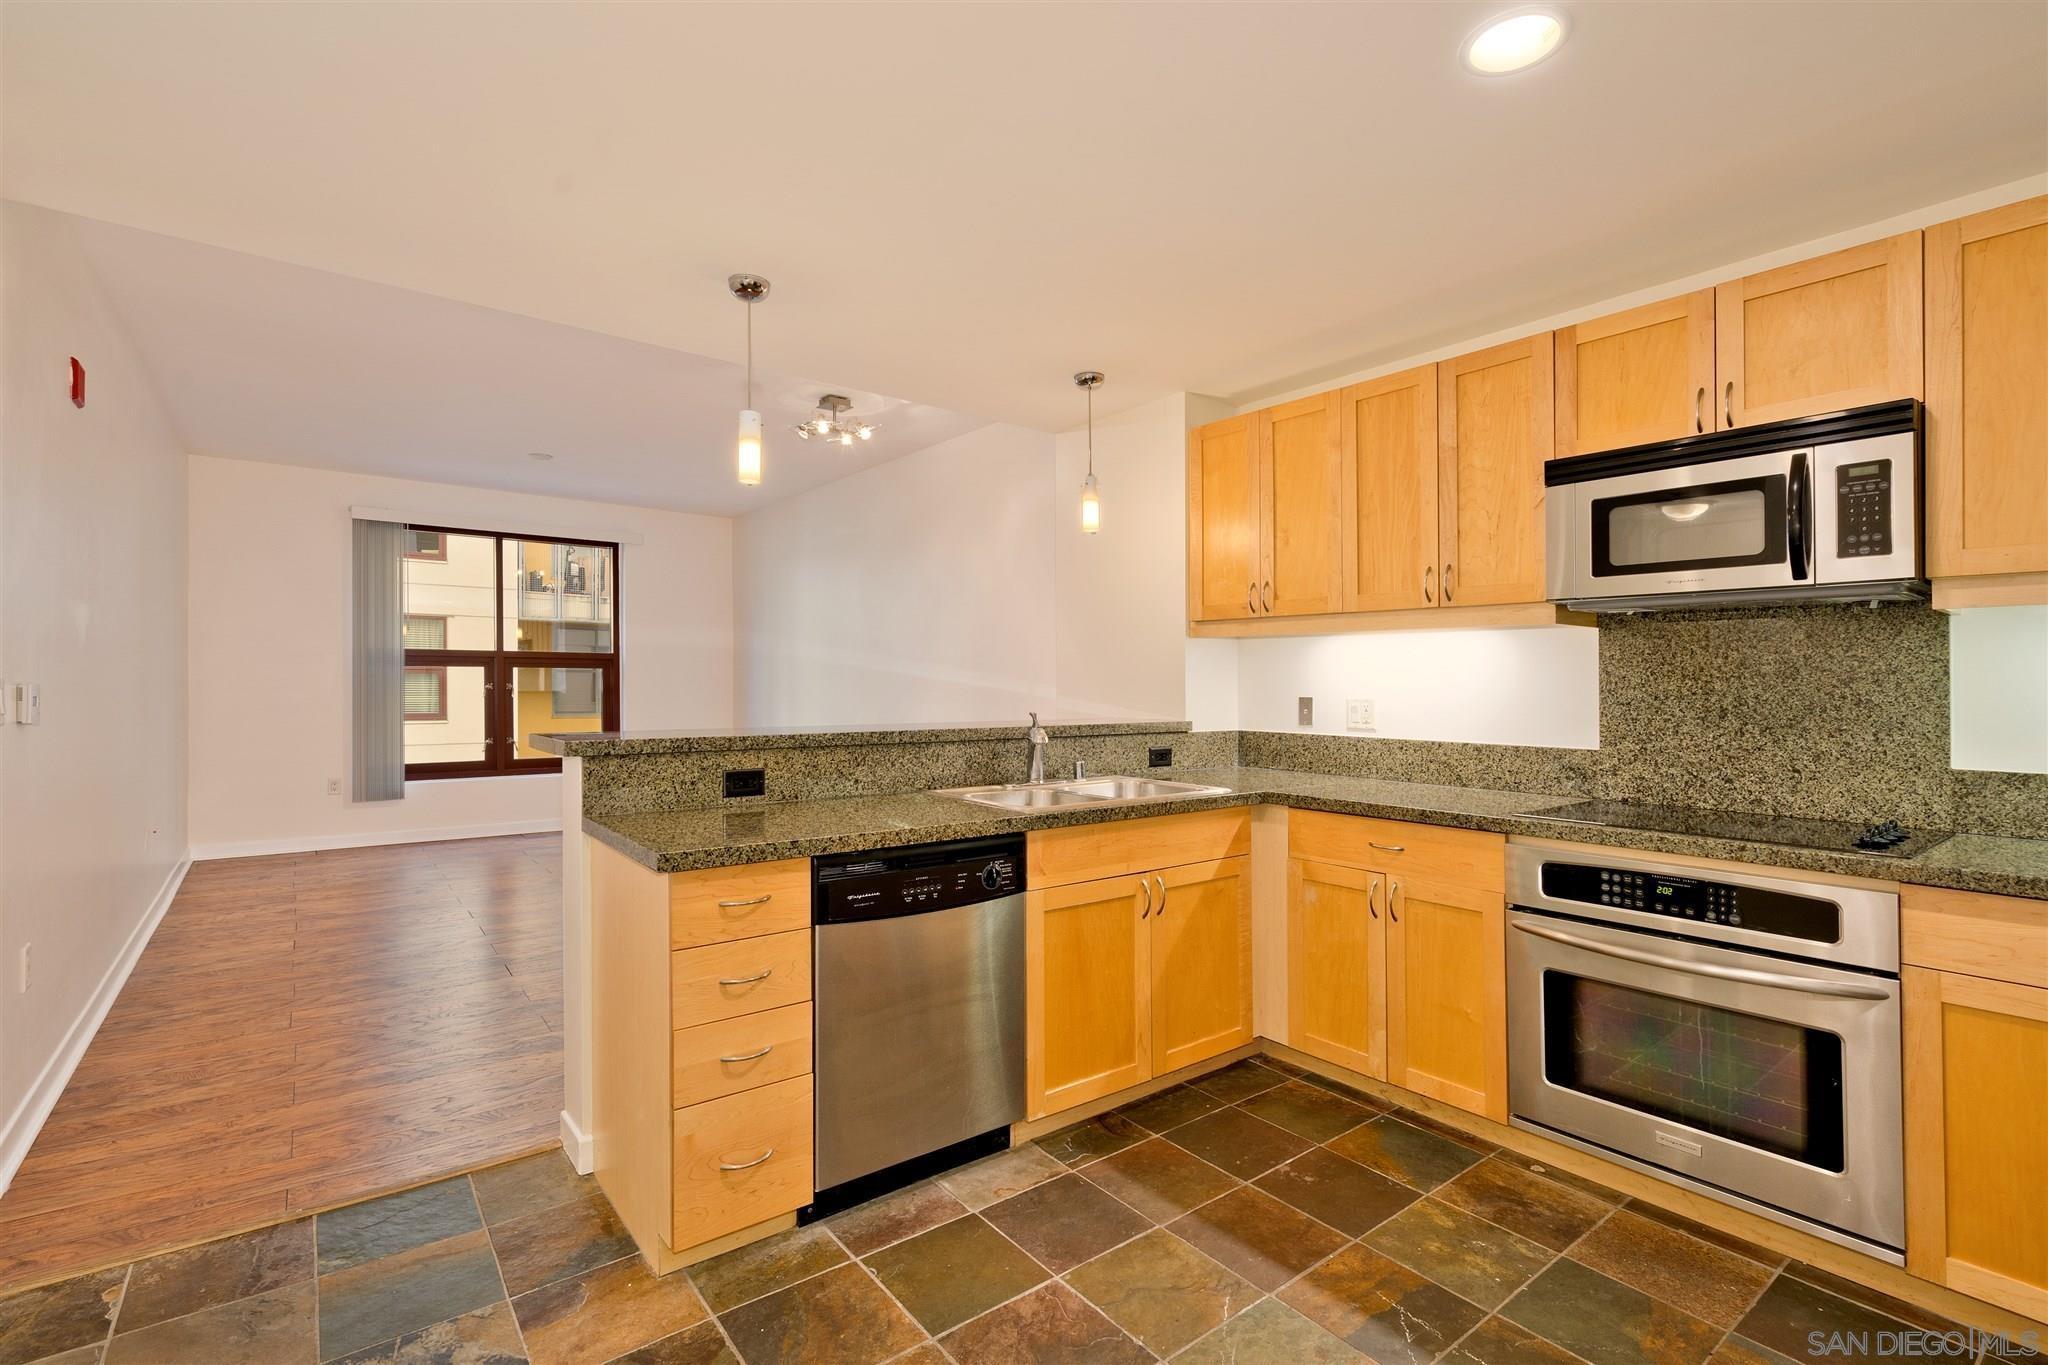 Property in 1150 J St, San Diego